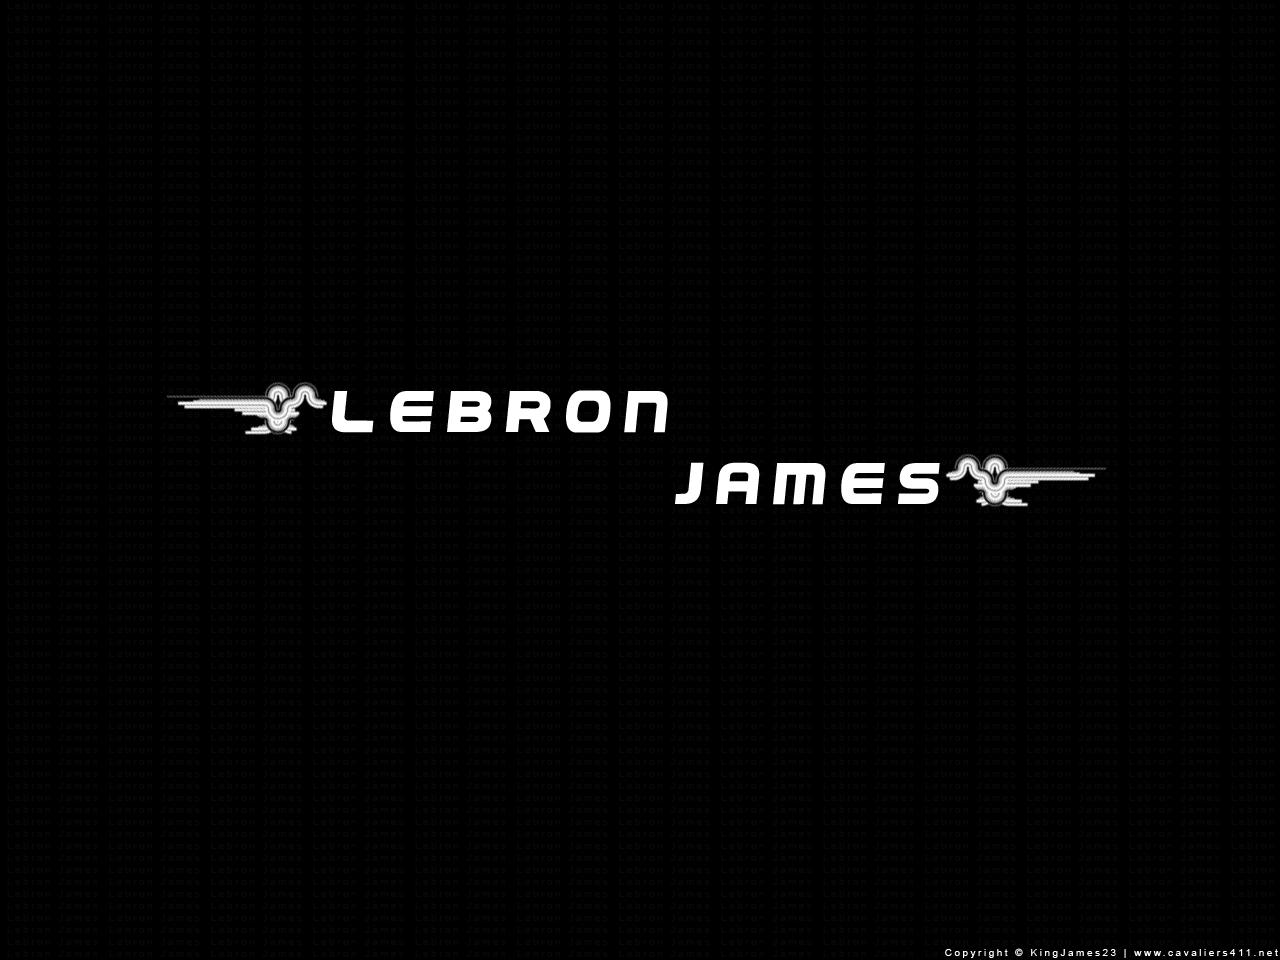 lebron james logo wallpaper crown